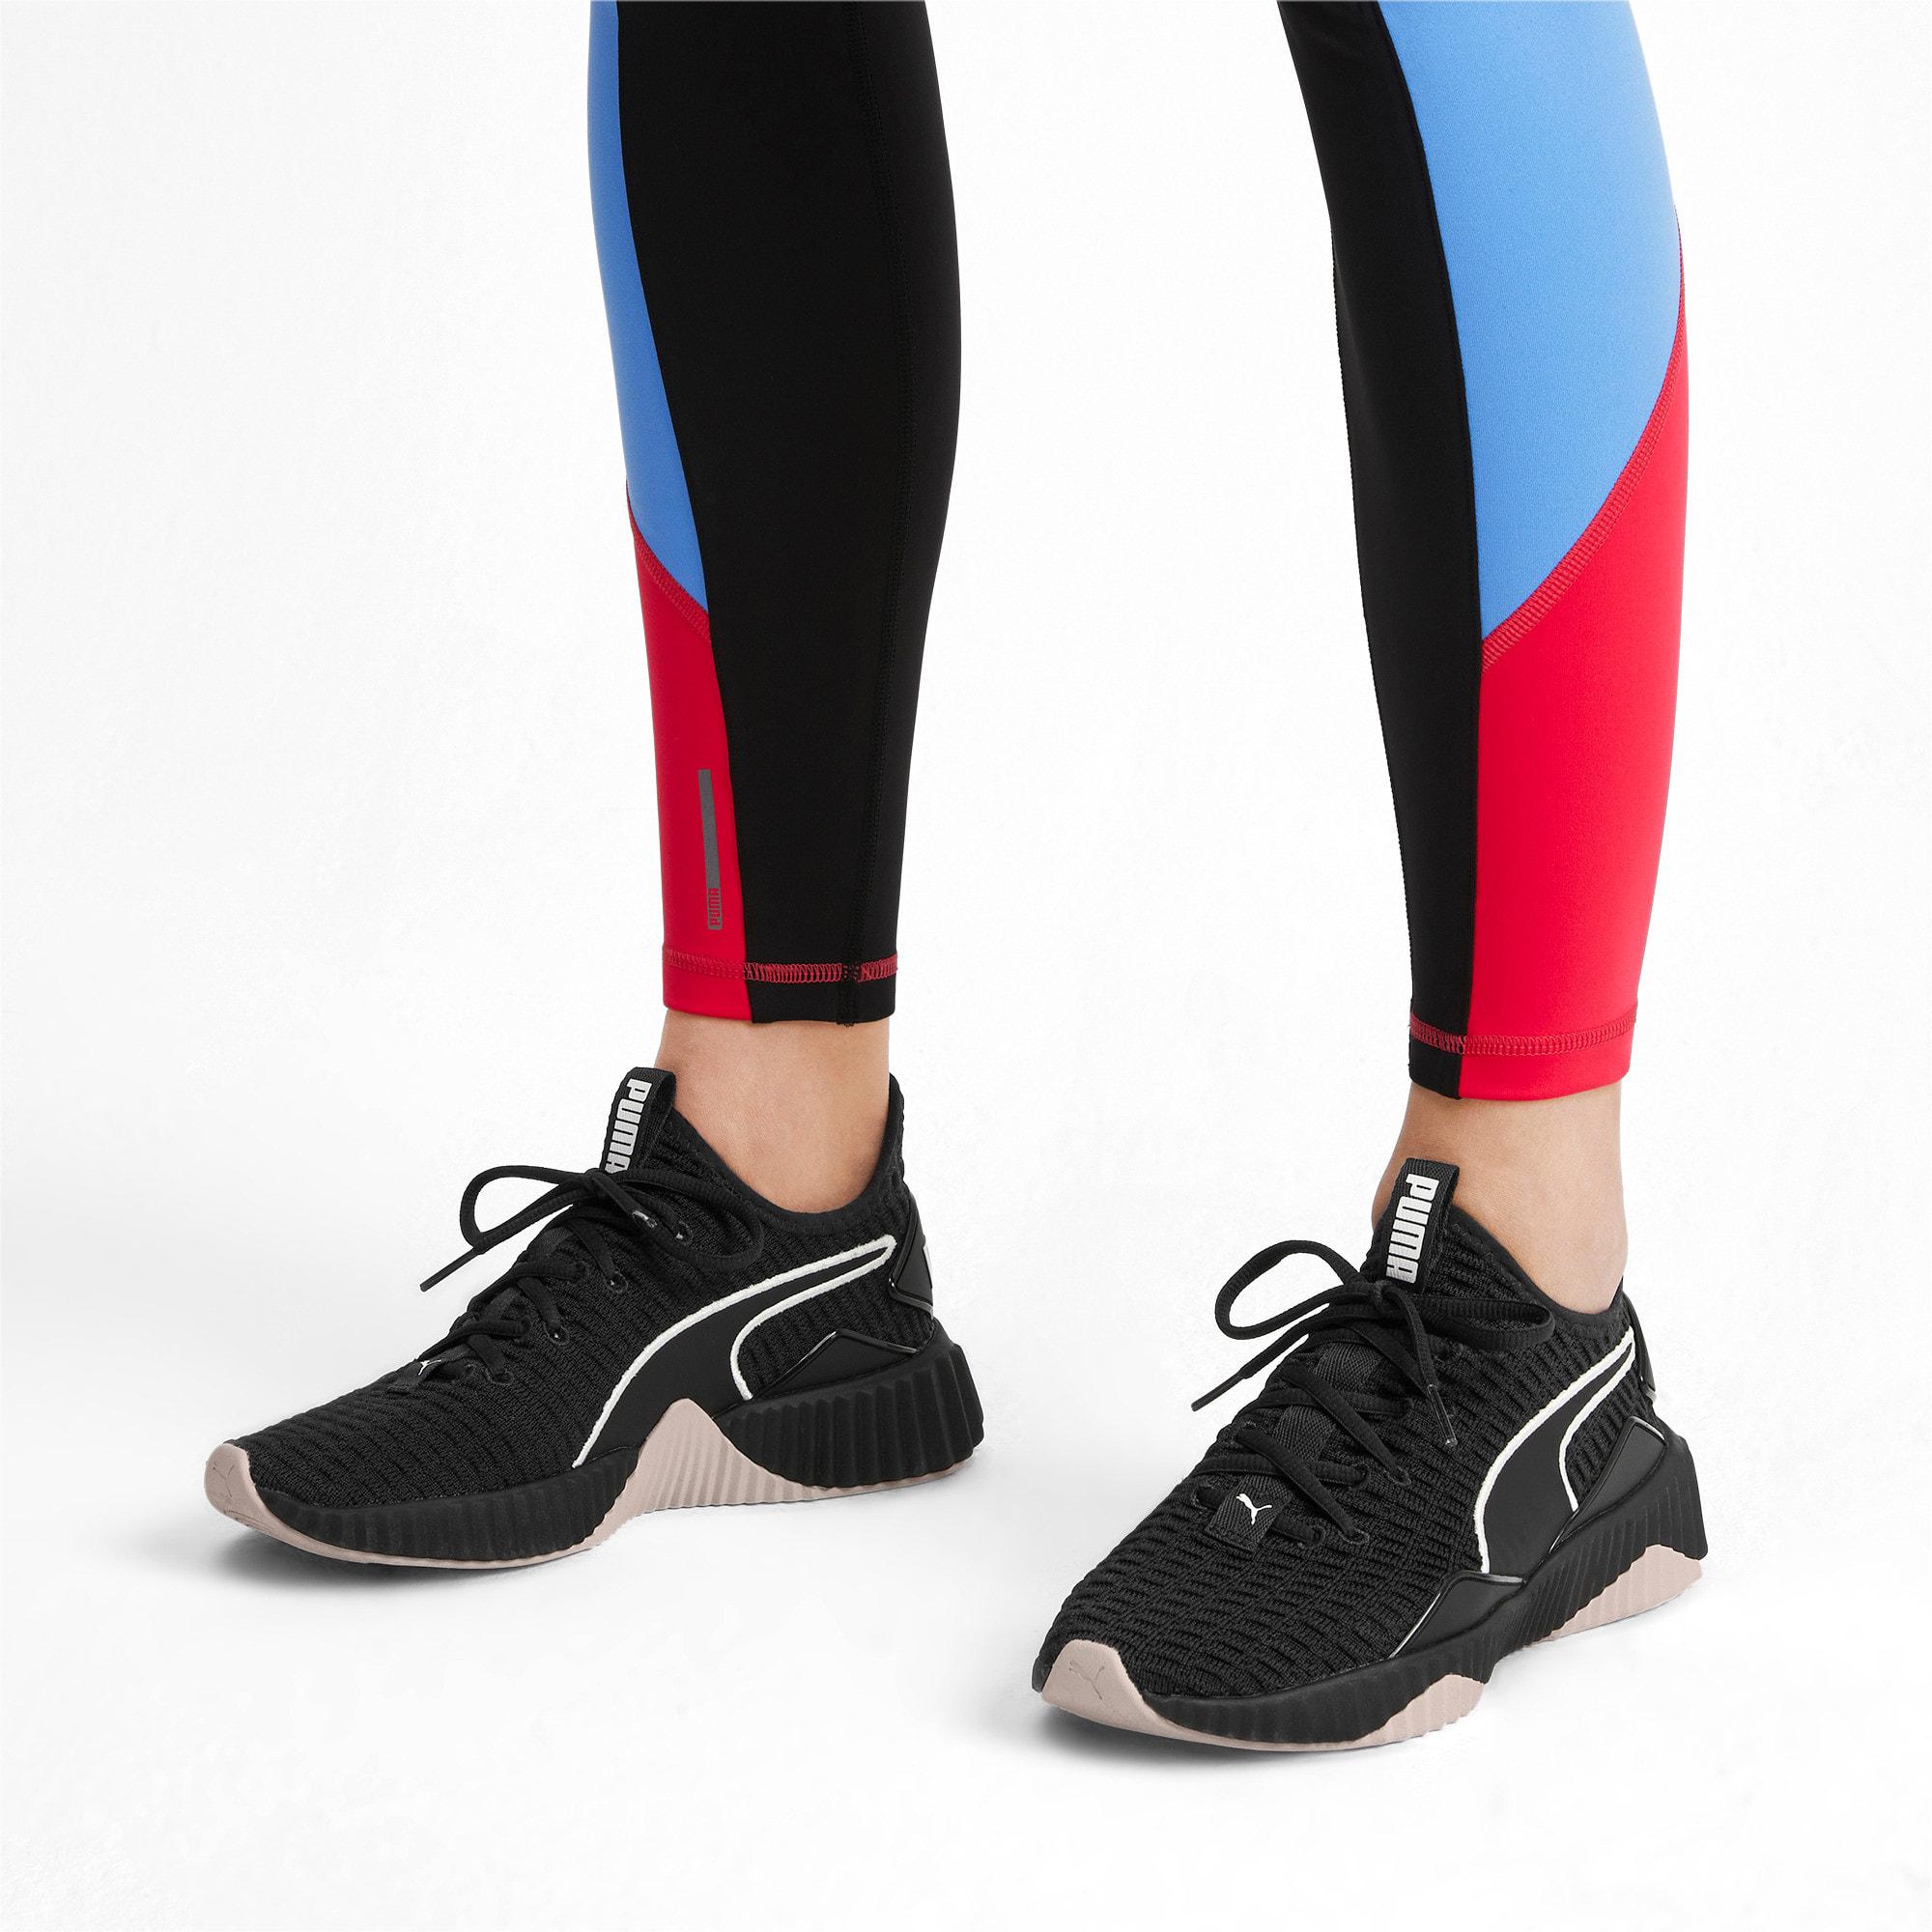 Thumbnail 2 of Defy Women's Training Shoes, Puma Black-Pastel Parchment, medium